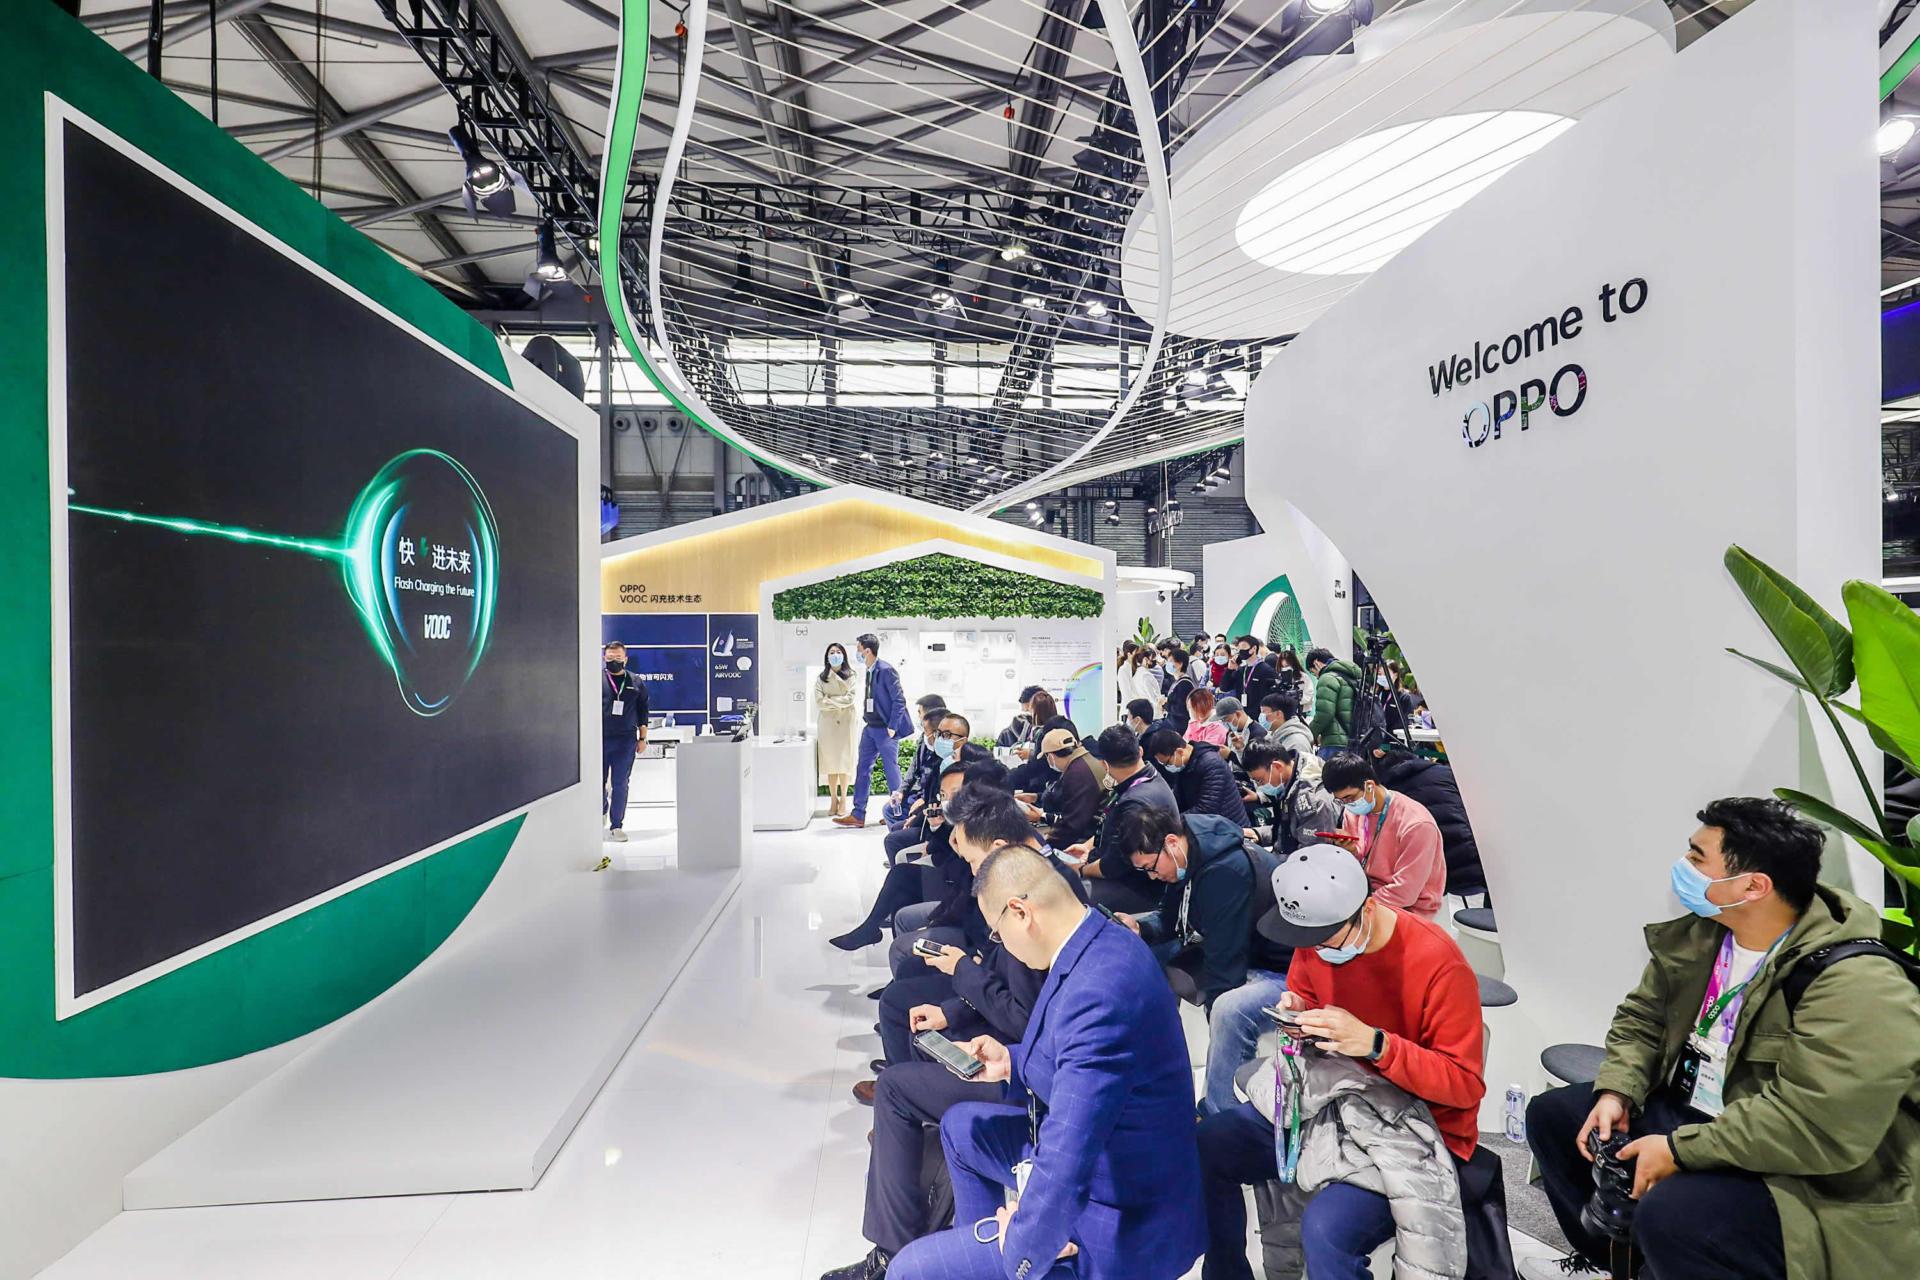 OPPO uỷ quyền công nghệ sạc VOOC cho FAW-Volkswagen, Anker và NXP Semiconductors